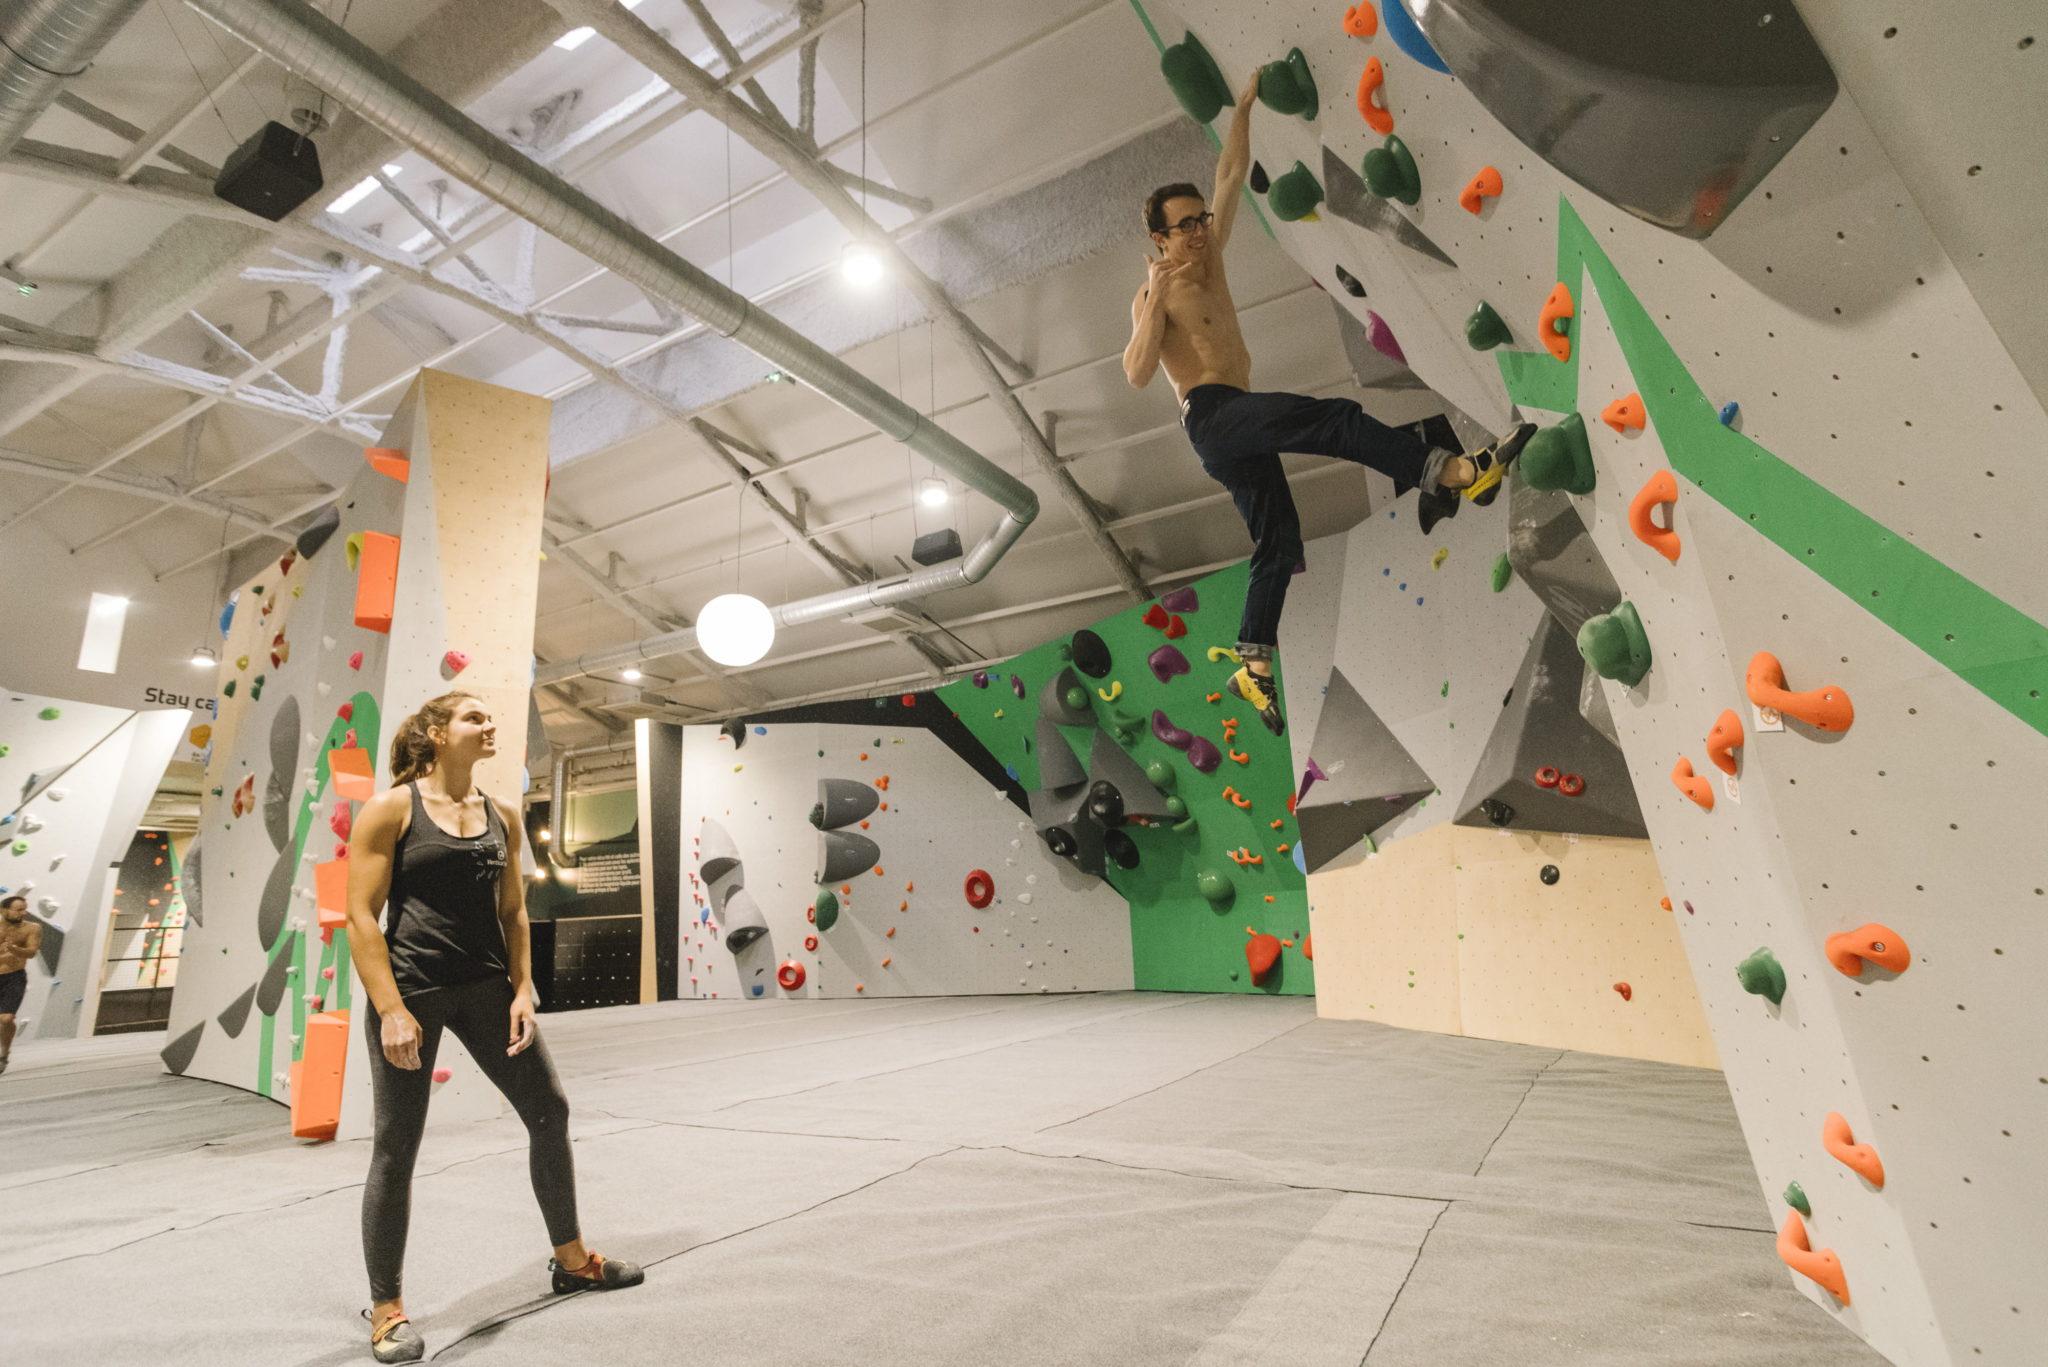 grimpeur à vertical'art pigale - ouverture et journée portes ouvertes - Vertical'Art Pigalle - paris - 18eme -